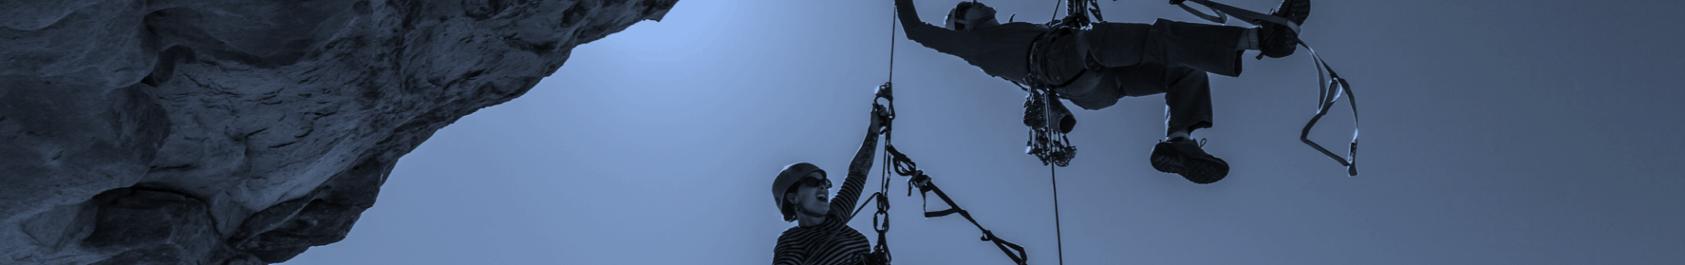 klatre